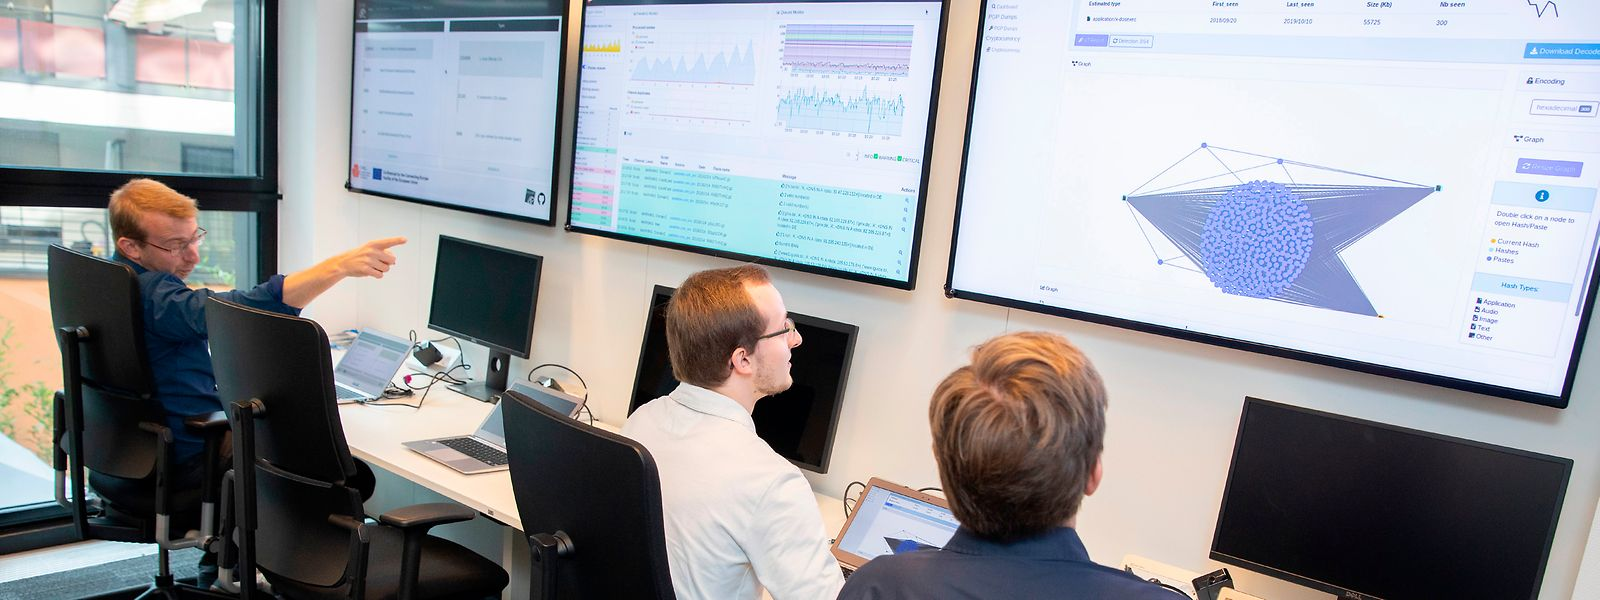 Das Cybersecurity Competence Center (C3) soll eine Vorreiterrolle in Europa spielen.